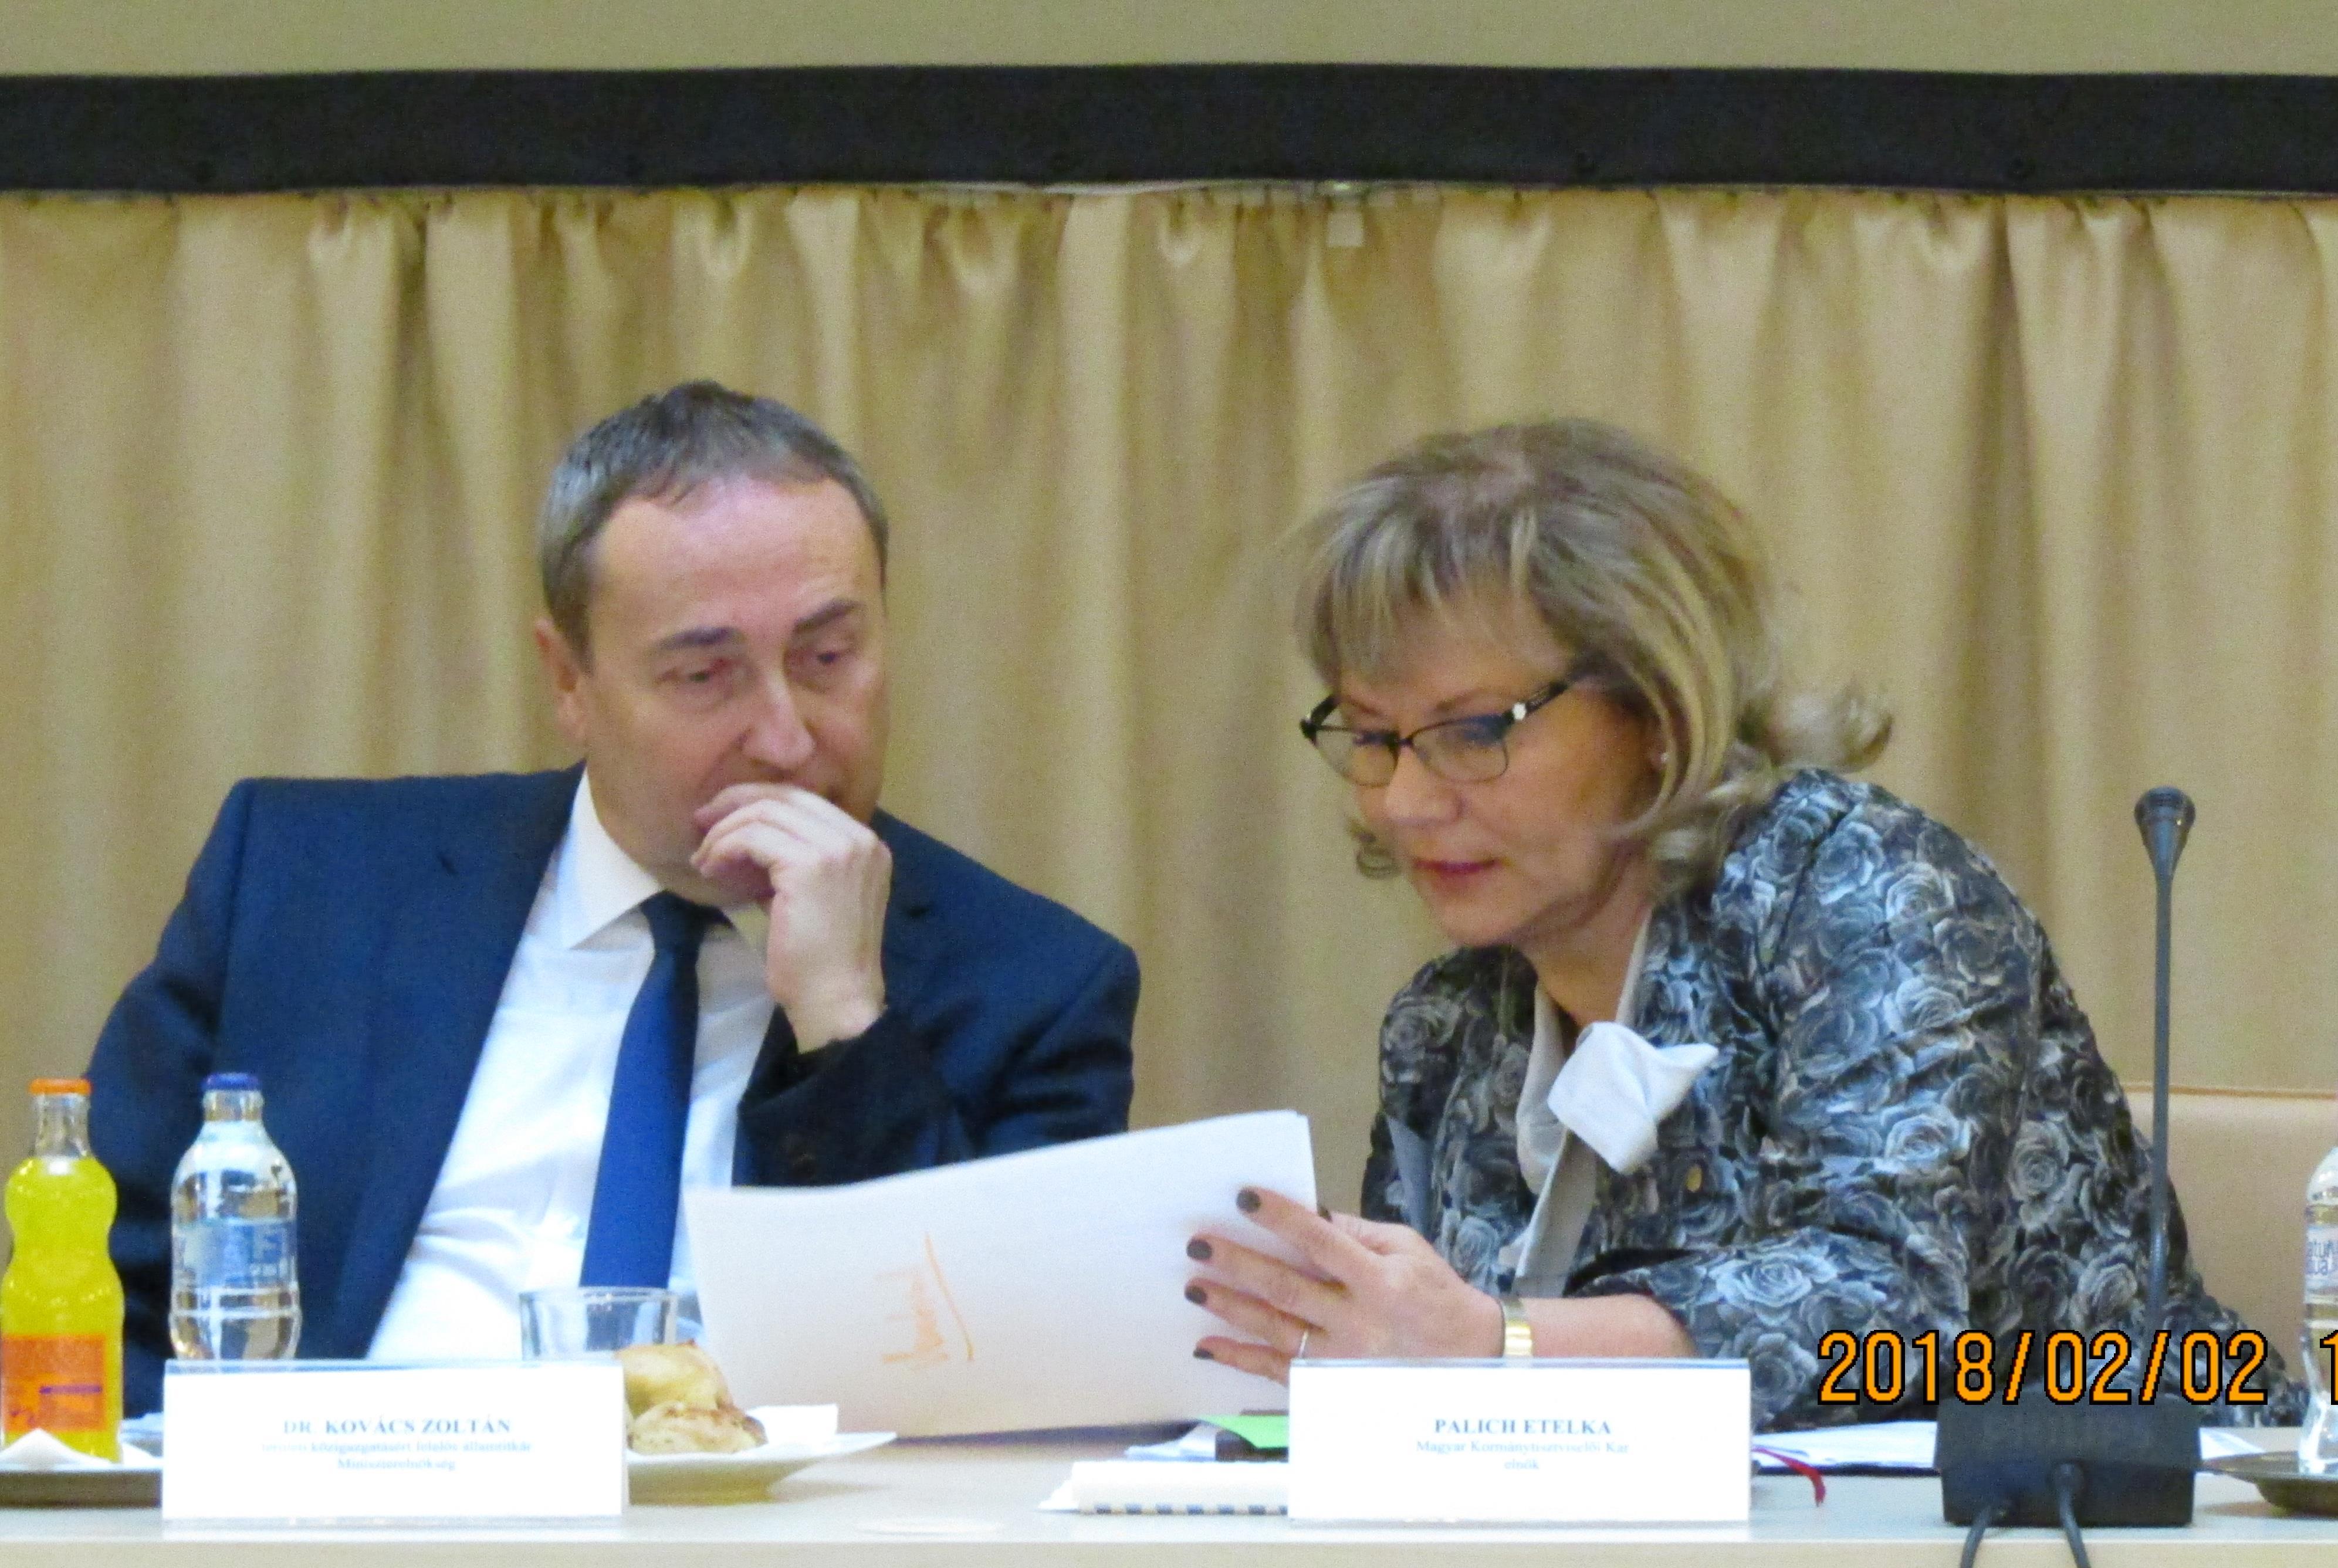 MKK Országos Közgyűlés ülése (2018.02.02.) - dr. Kovács Zoltán államtitkár és Palich Etelka az MKK elnöke